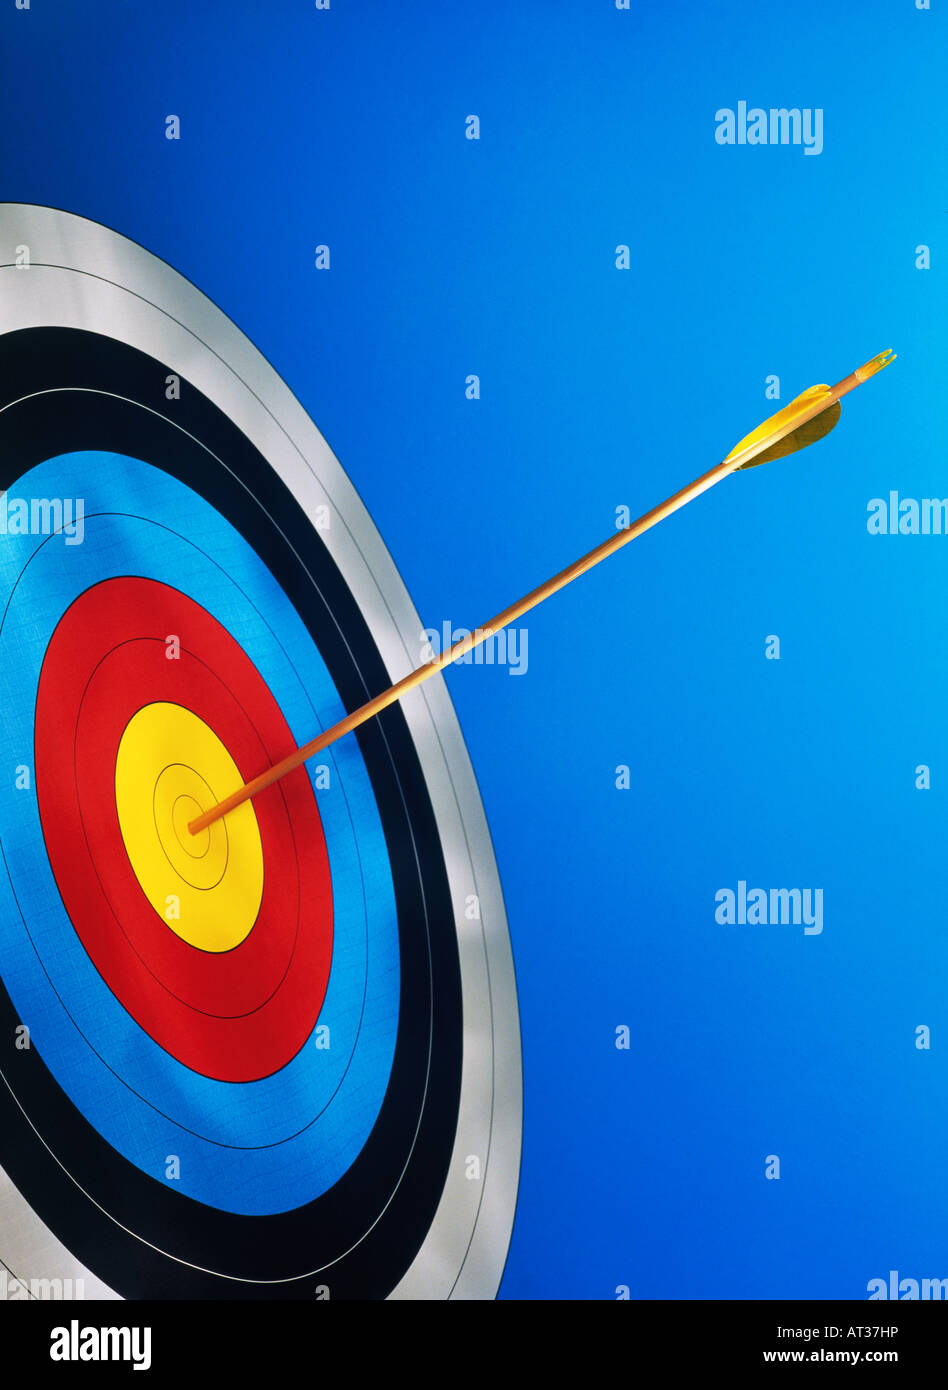 Une flèche au centre d'une carte cible. Photo Stock